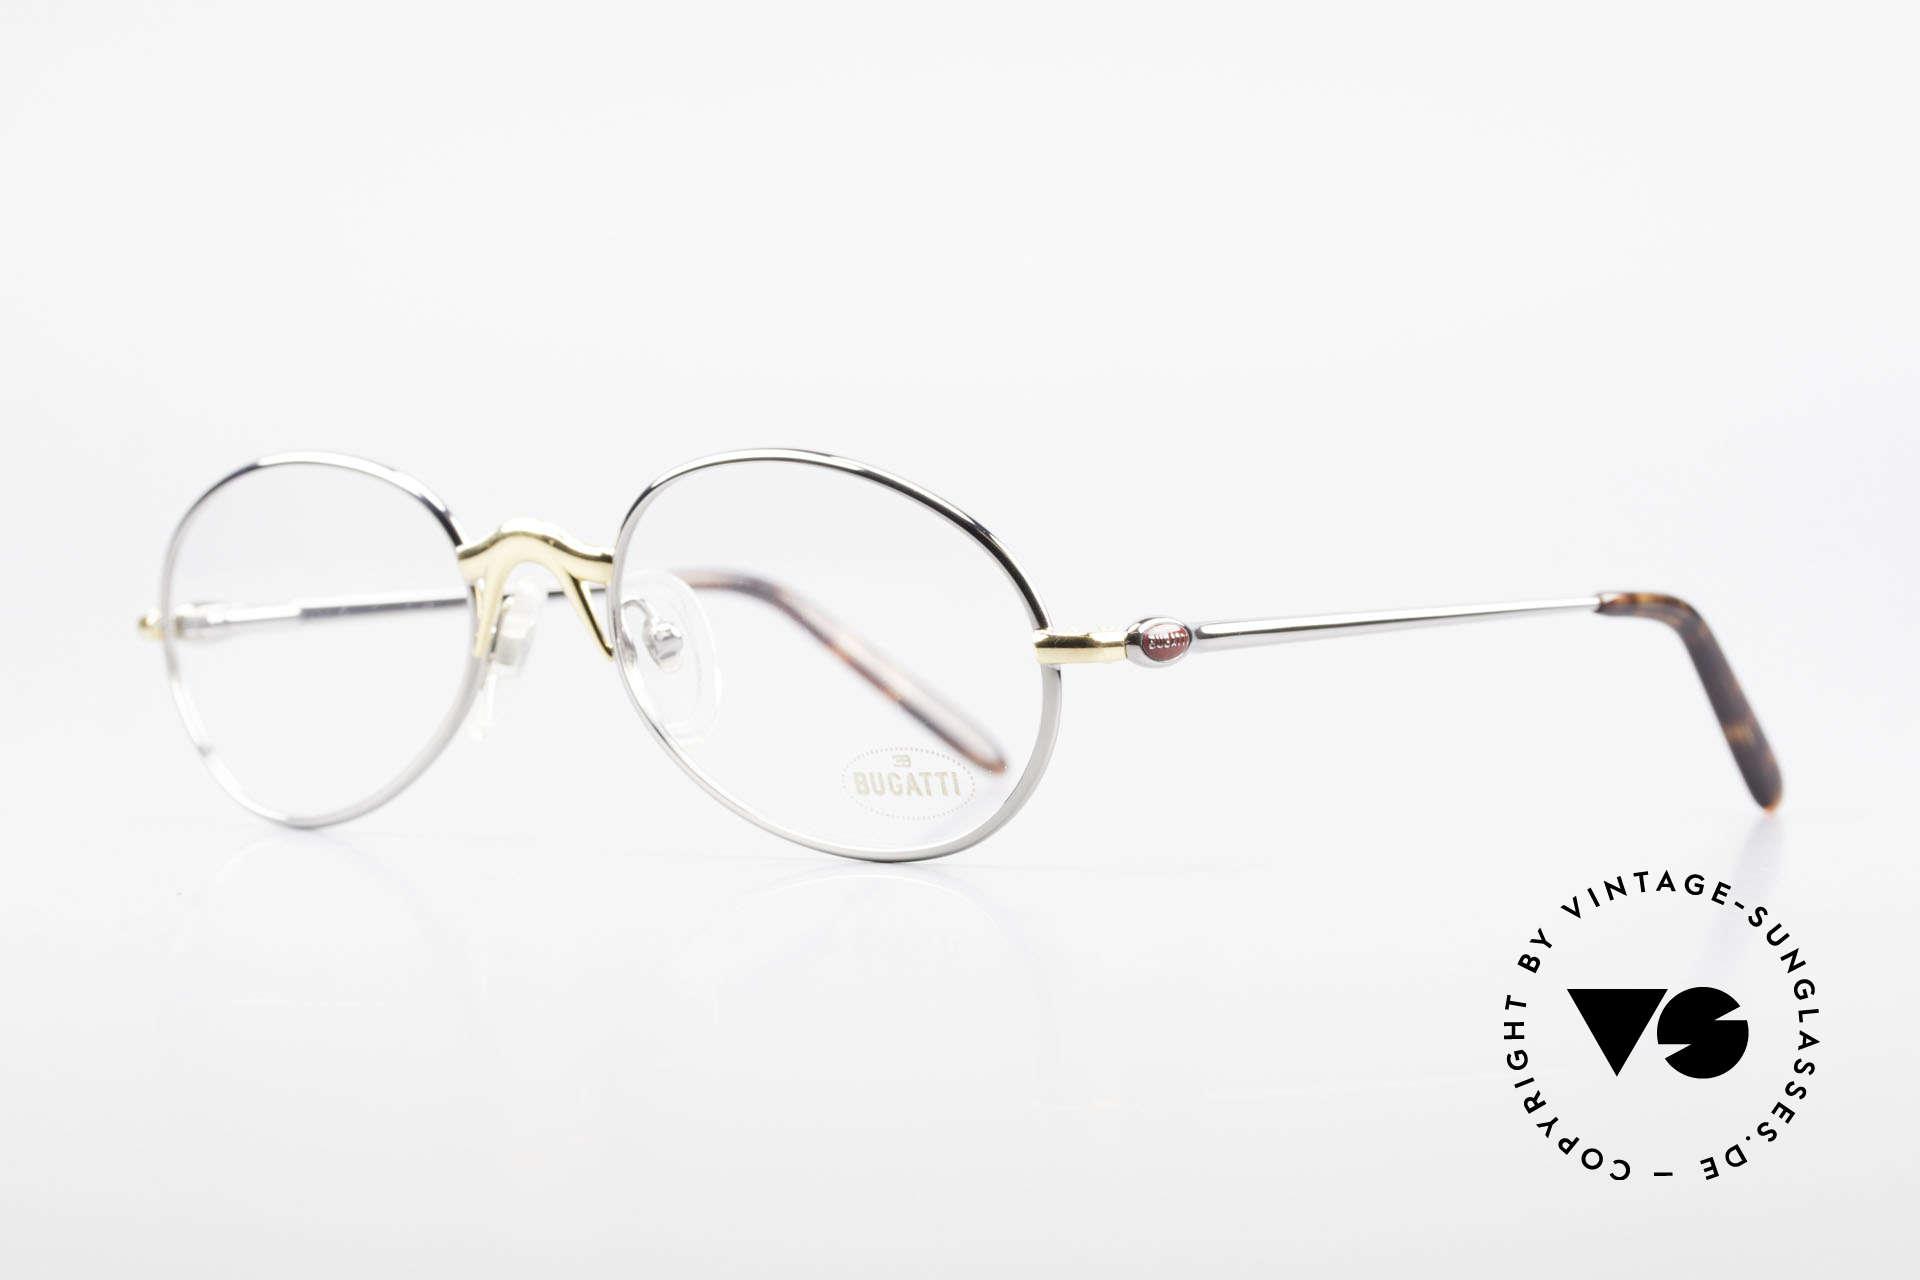 Bugatti 22126 Original 90er Vintage Brille, beste Materialien in erstklassiger Verarbeitung, Passend für Herren und Damen